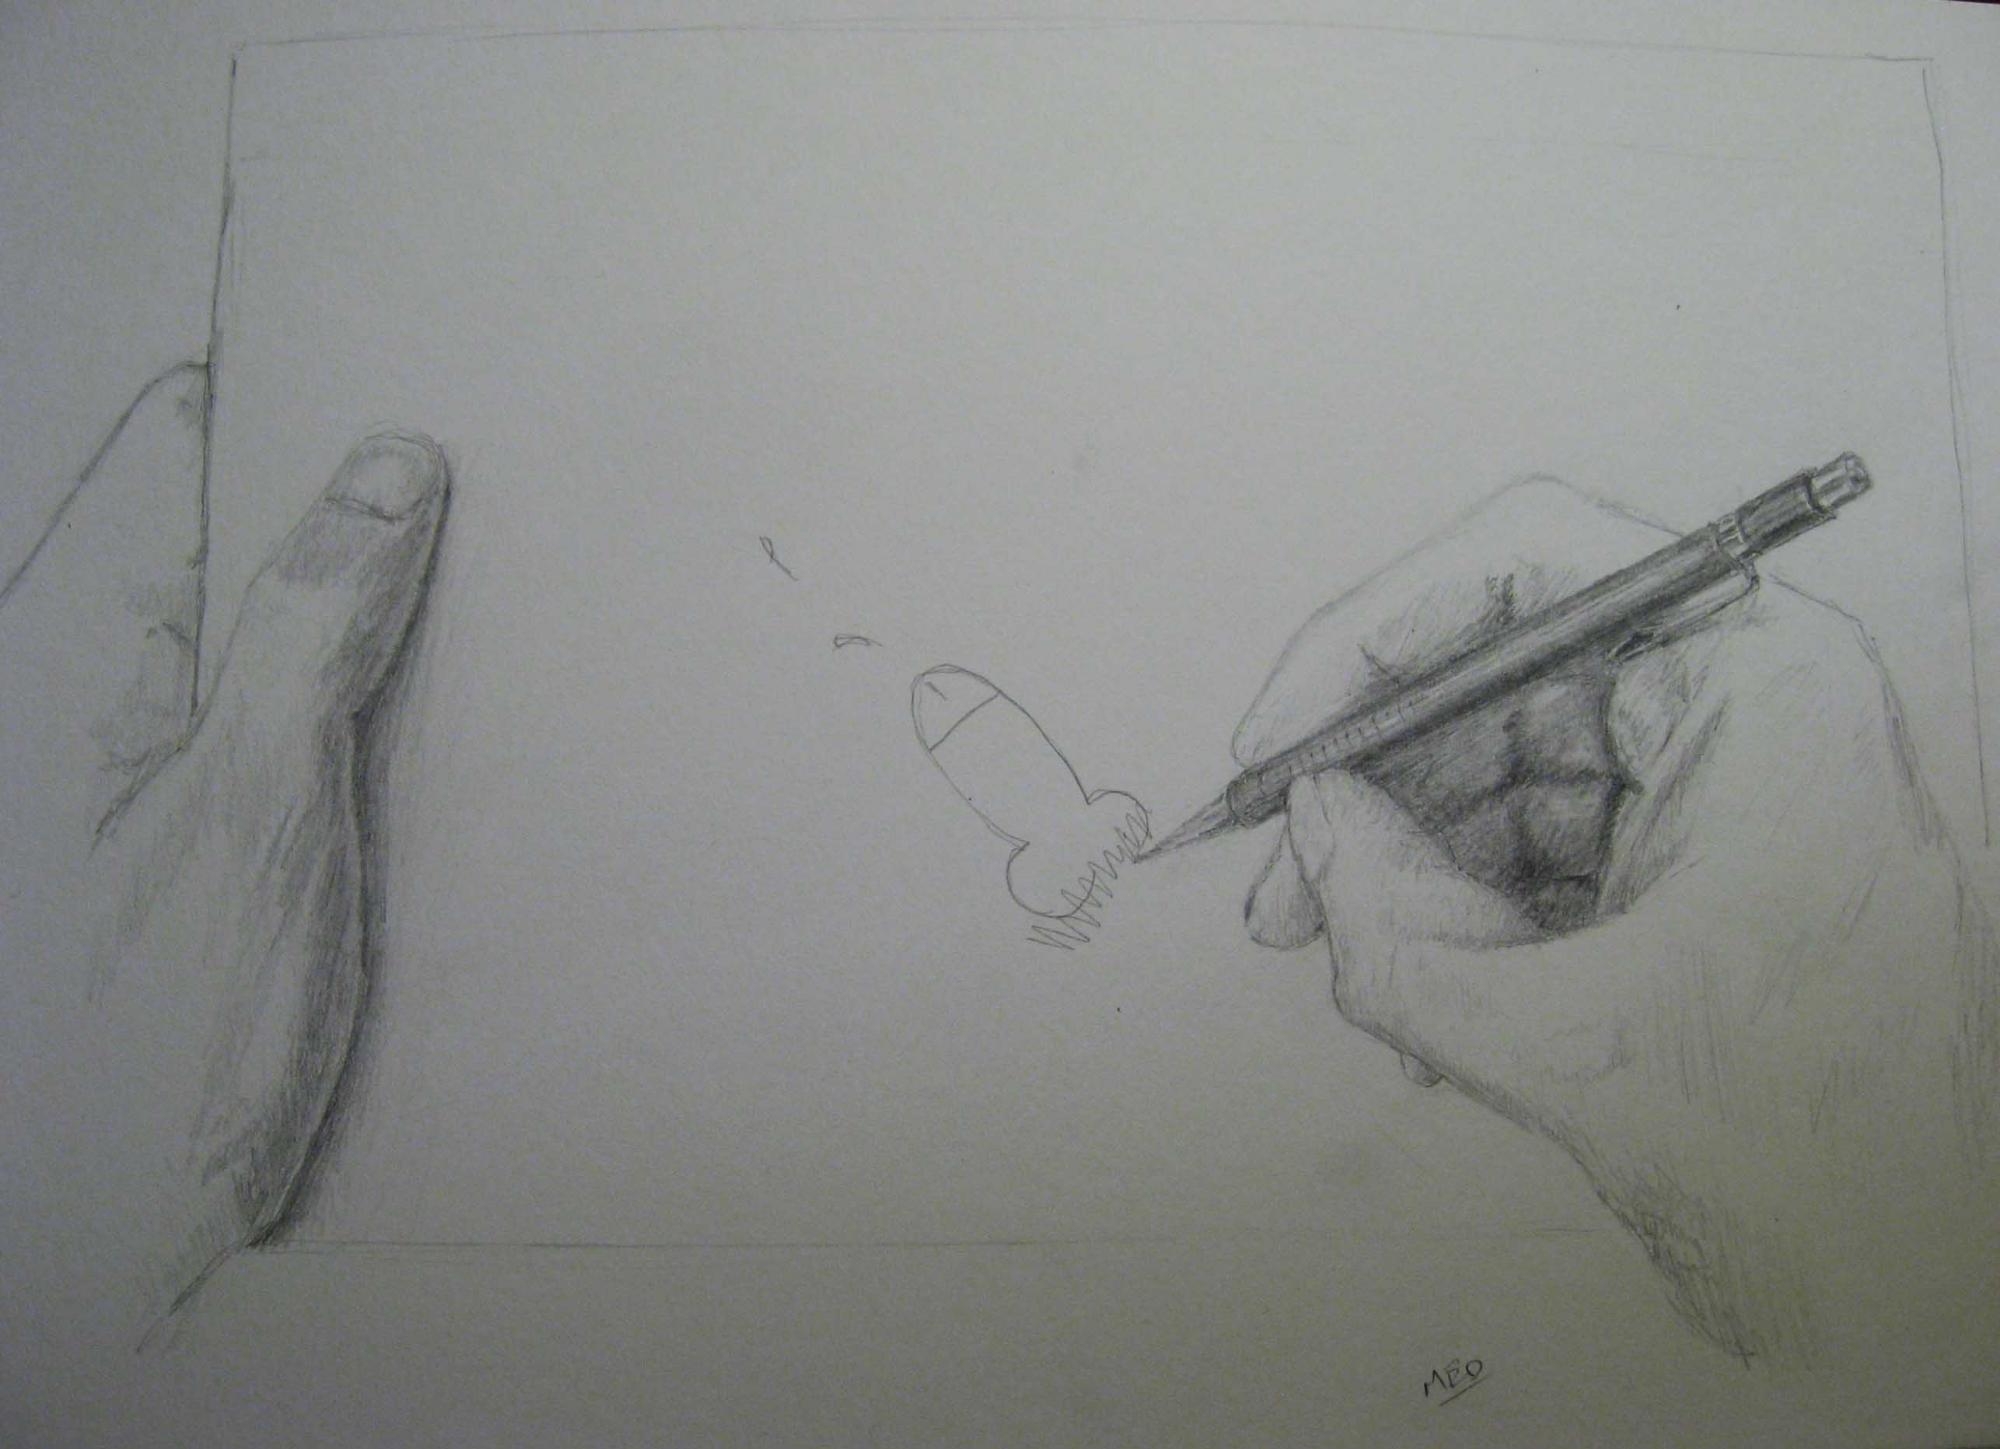 gallery_27674_4674_145220.jpg